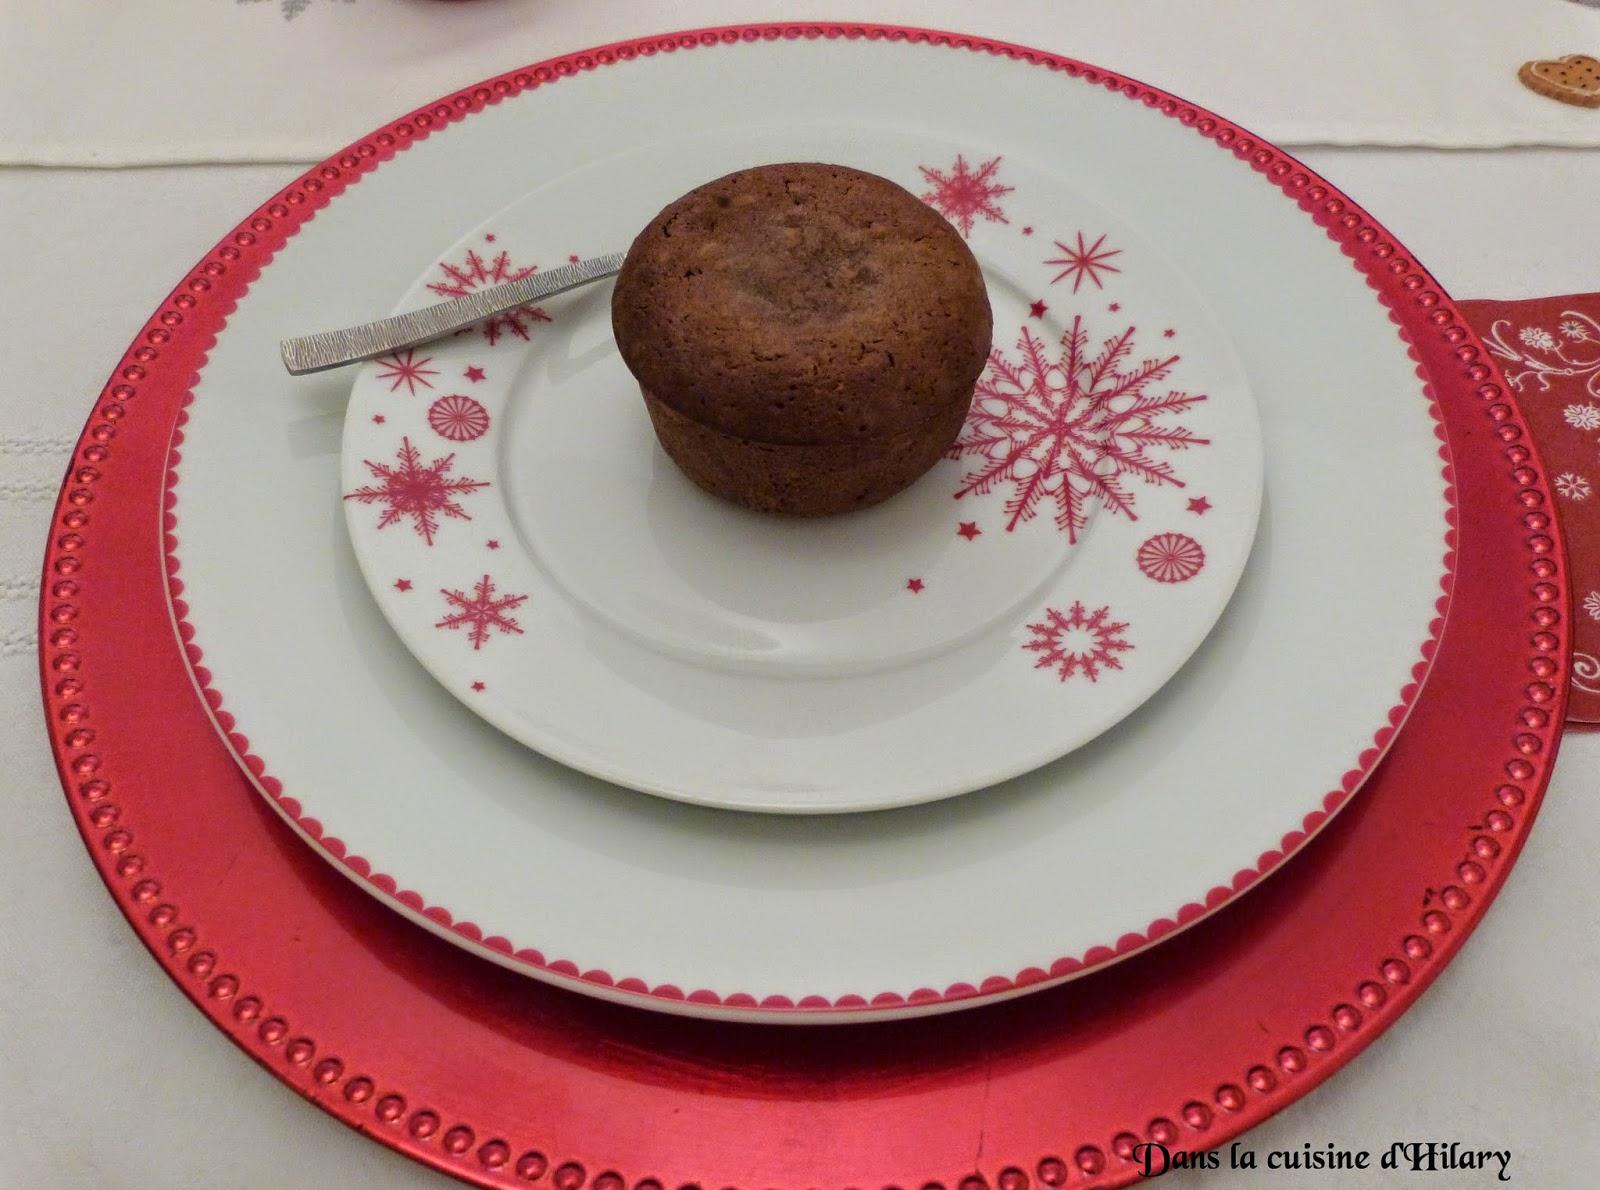 Moelleux chocolat-pistache au coeur coulant de crème anglaise